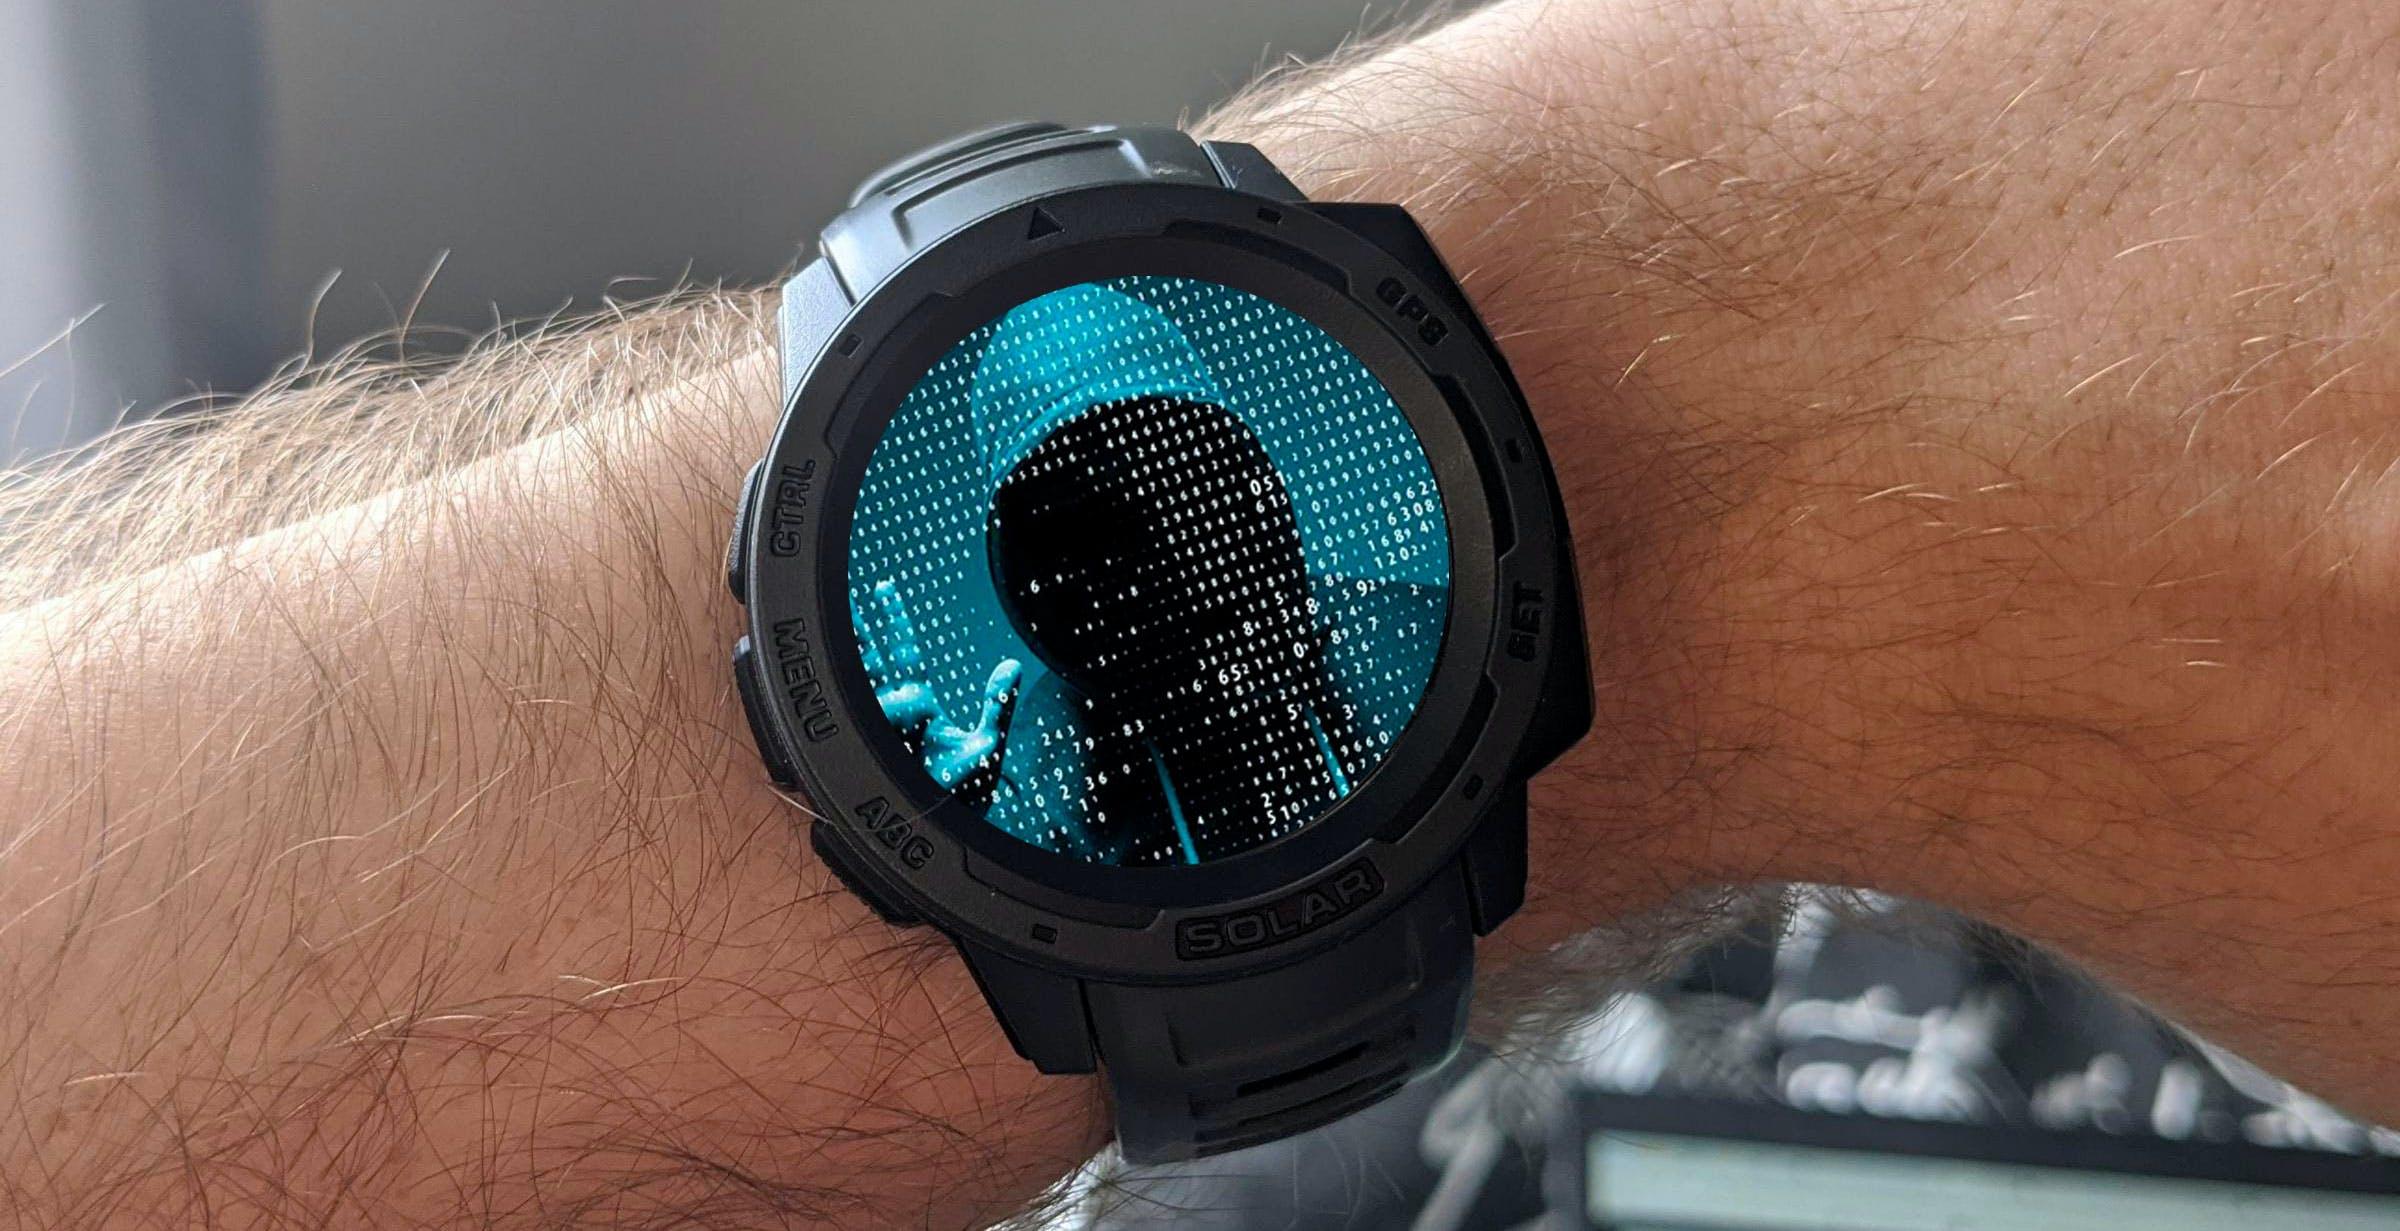 Garmin fuori uso, l'azienda ostaggio degli hacker. I dati degli utenti sembrerebbero al sicuro